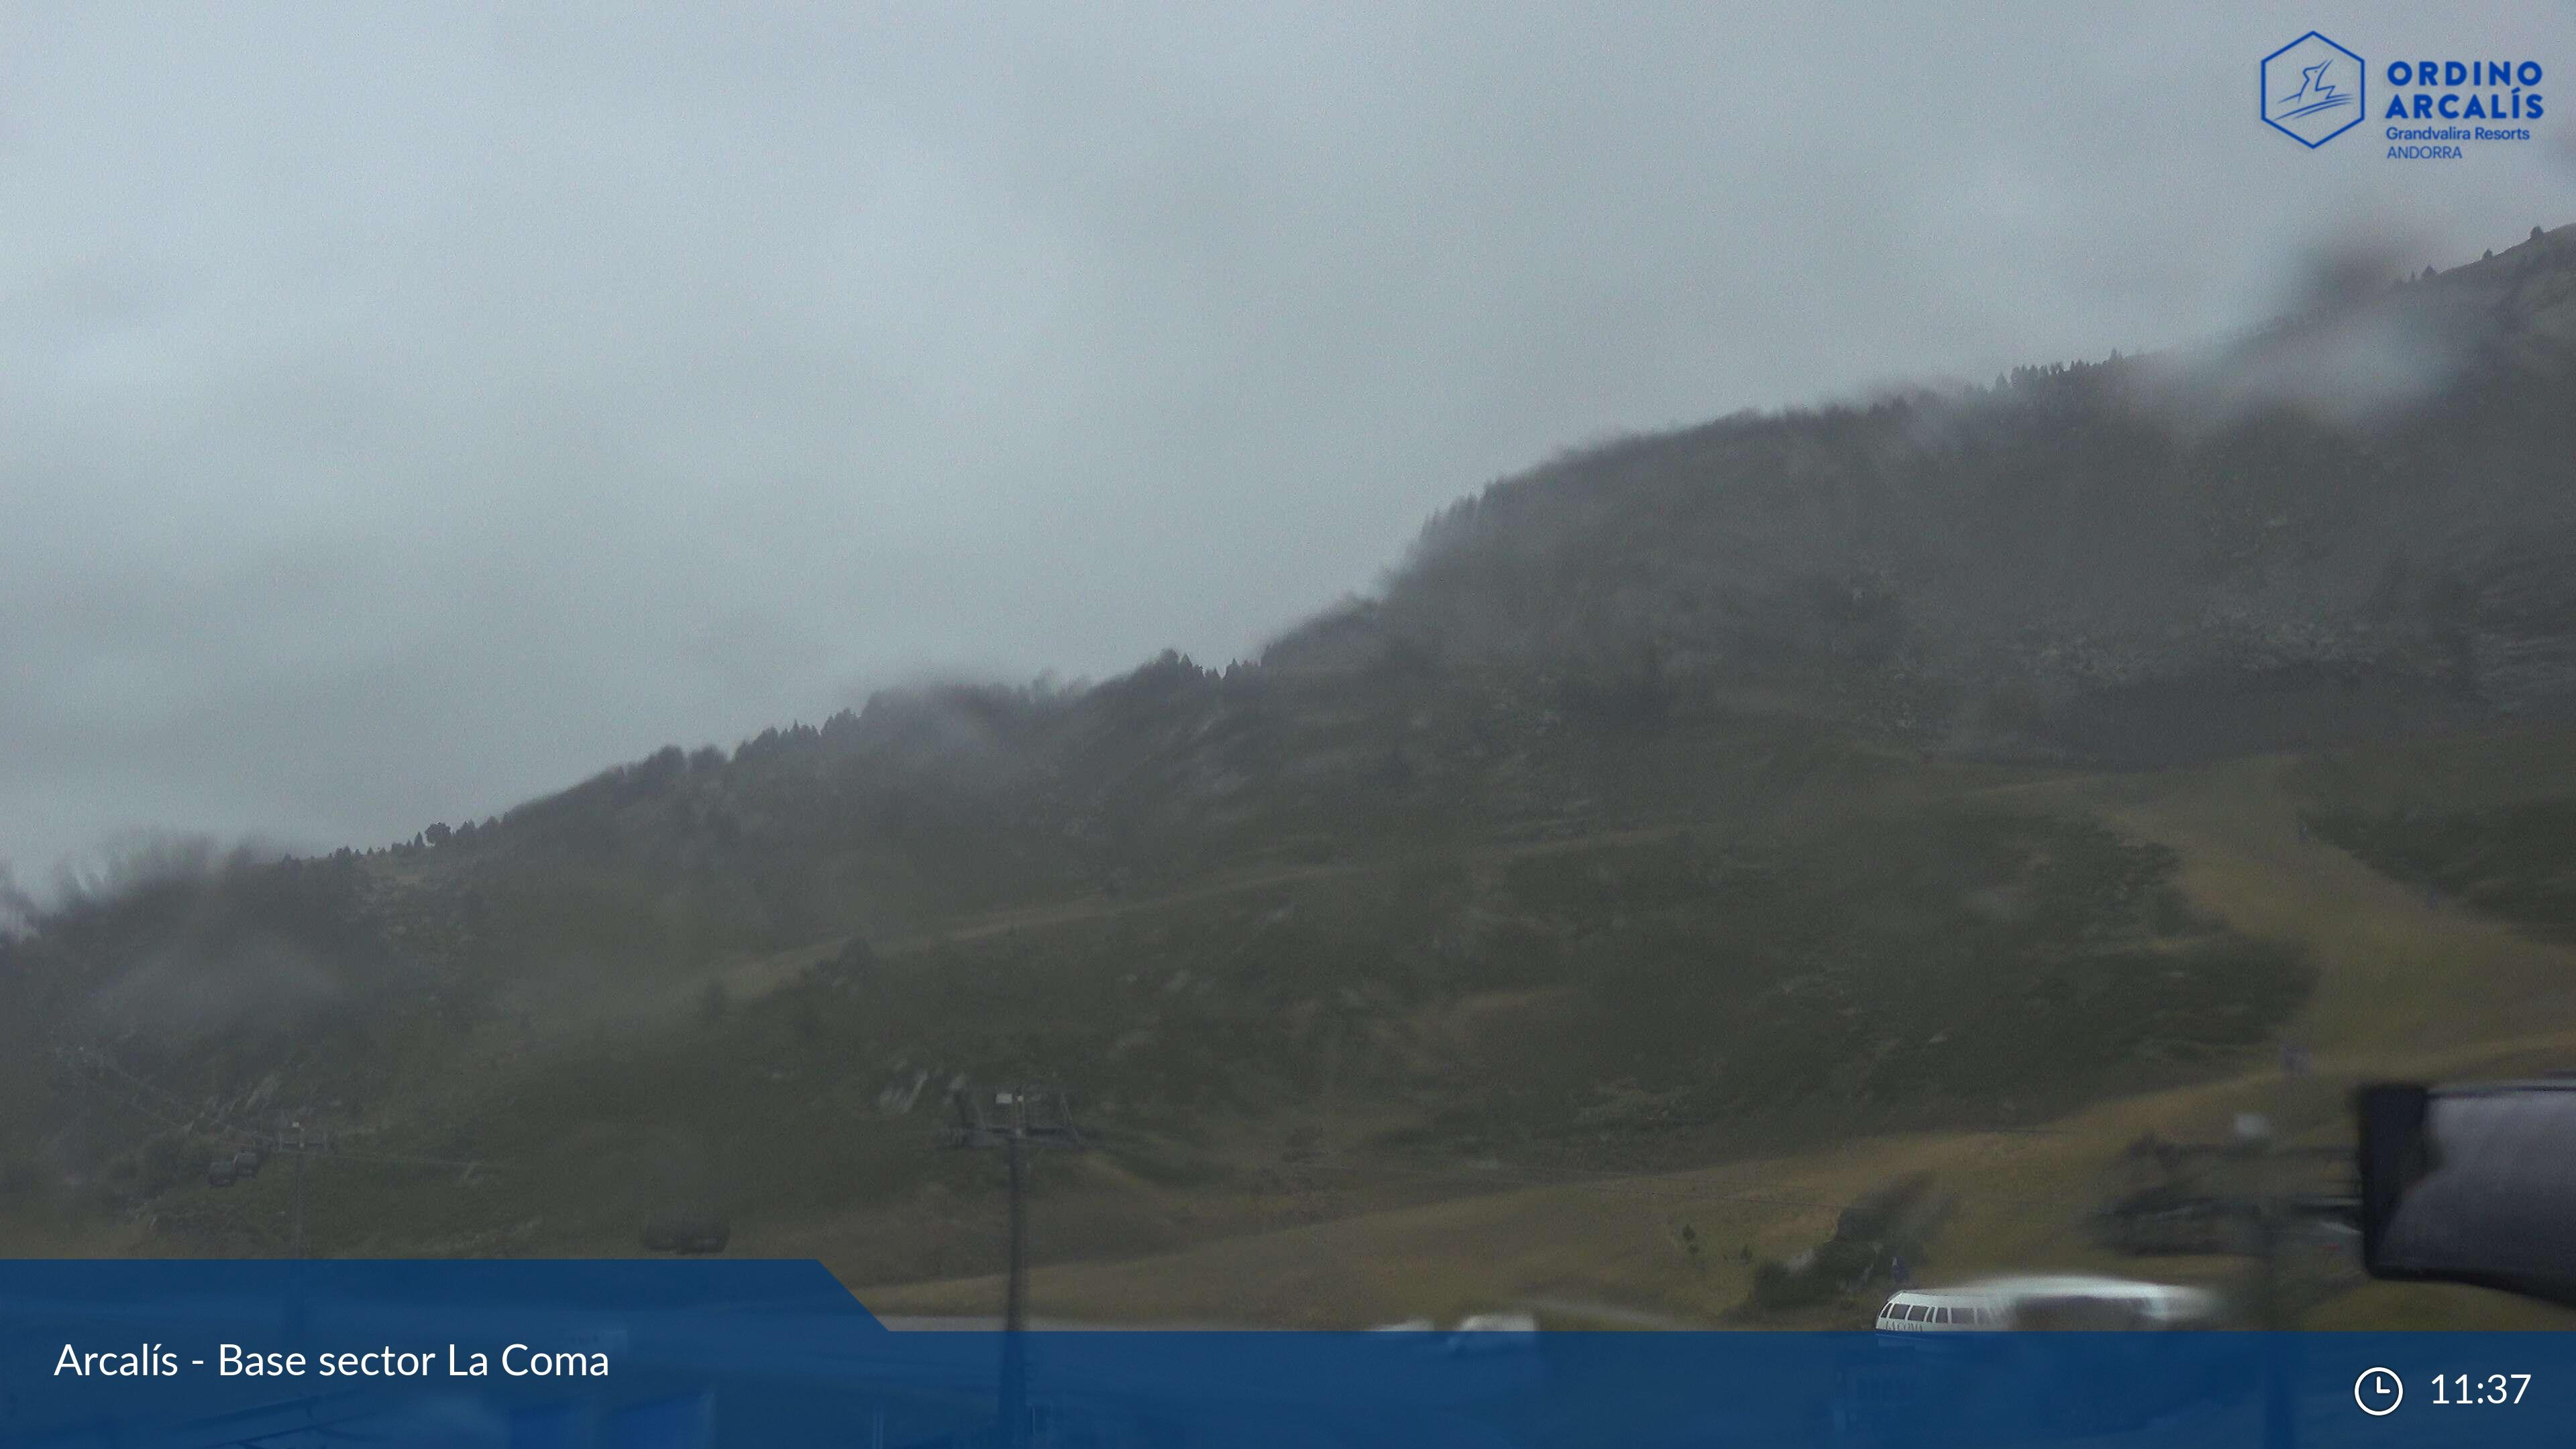 Webcam en La Coma - Feixants